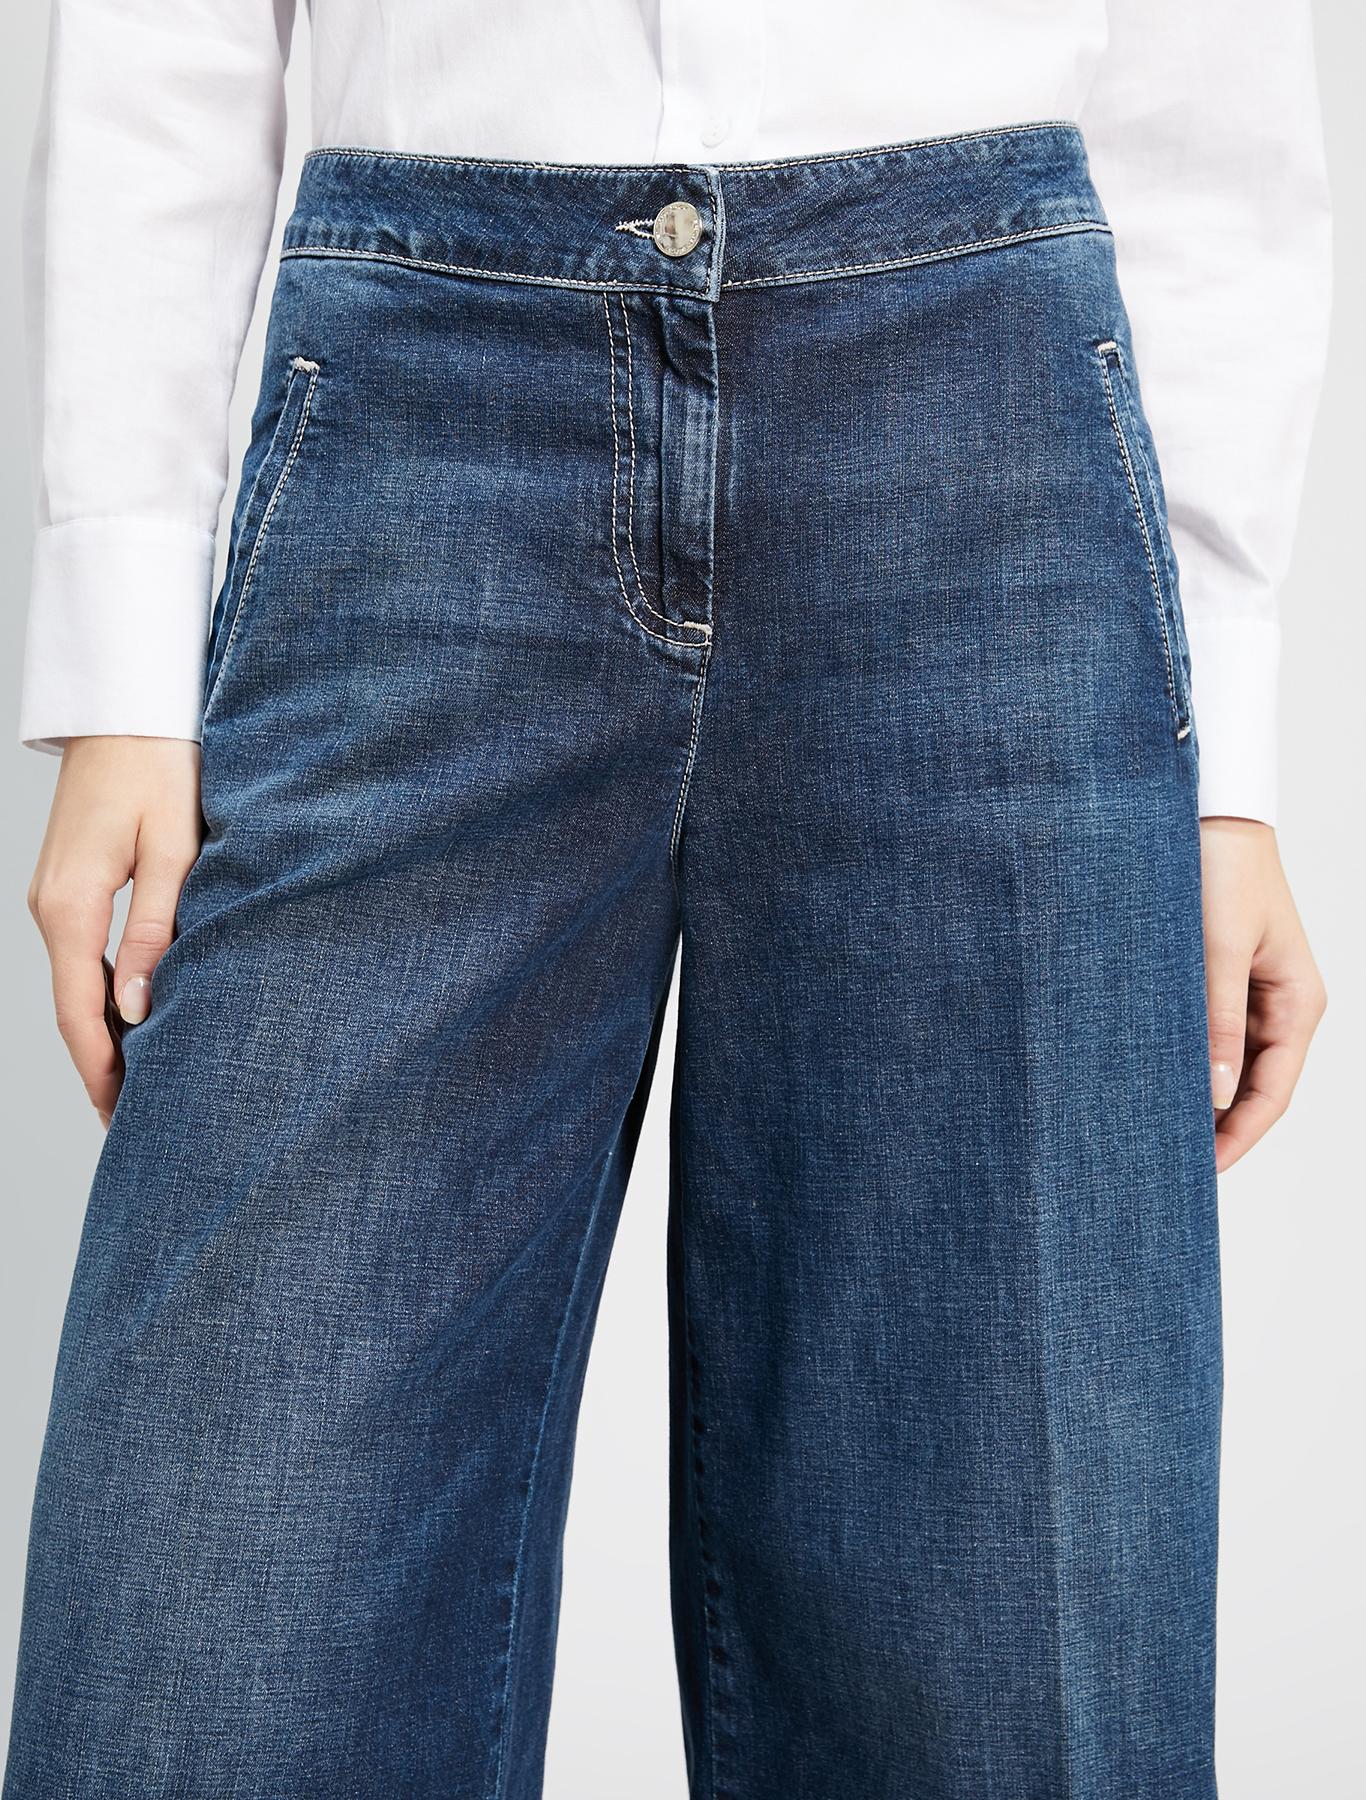 Wide-leg jeans - cornflower blue - pennyblack